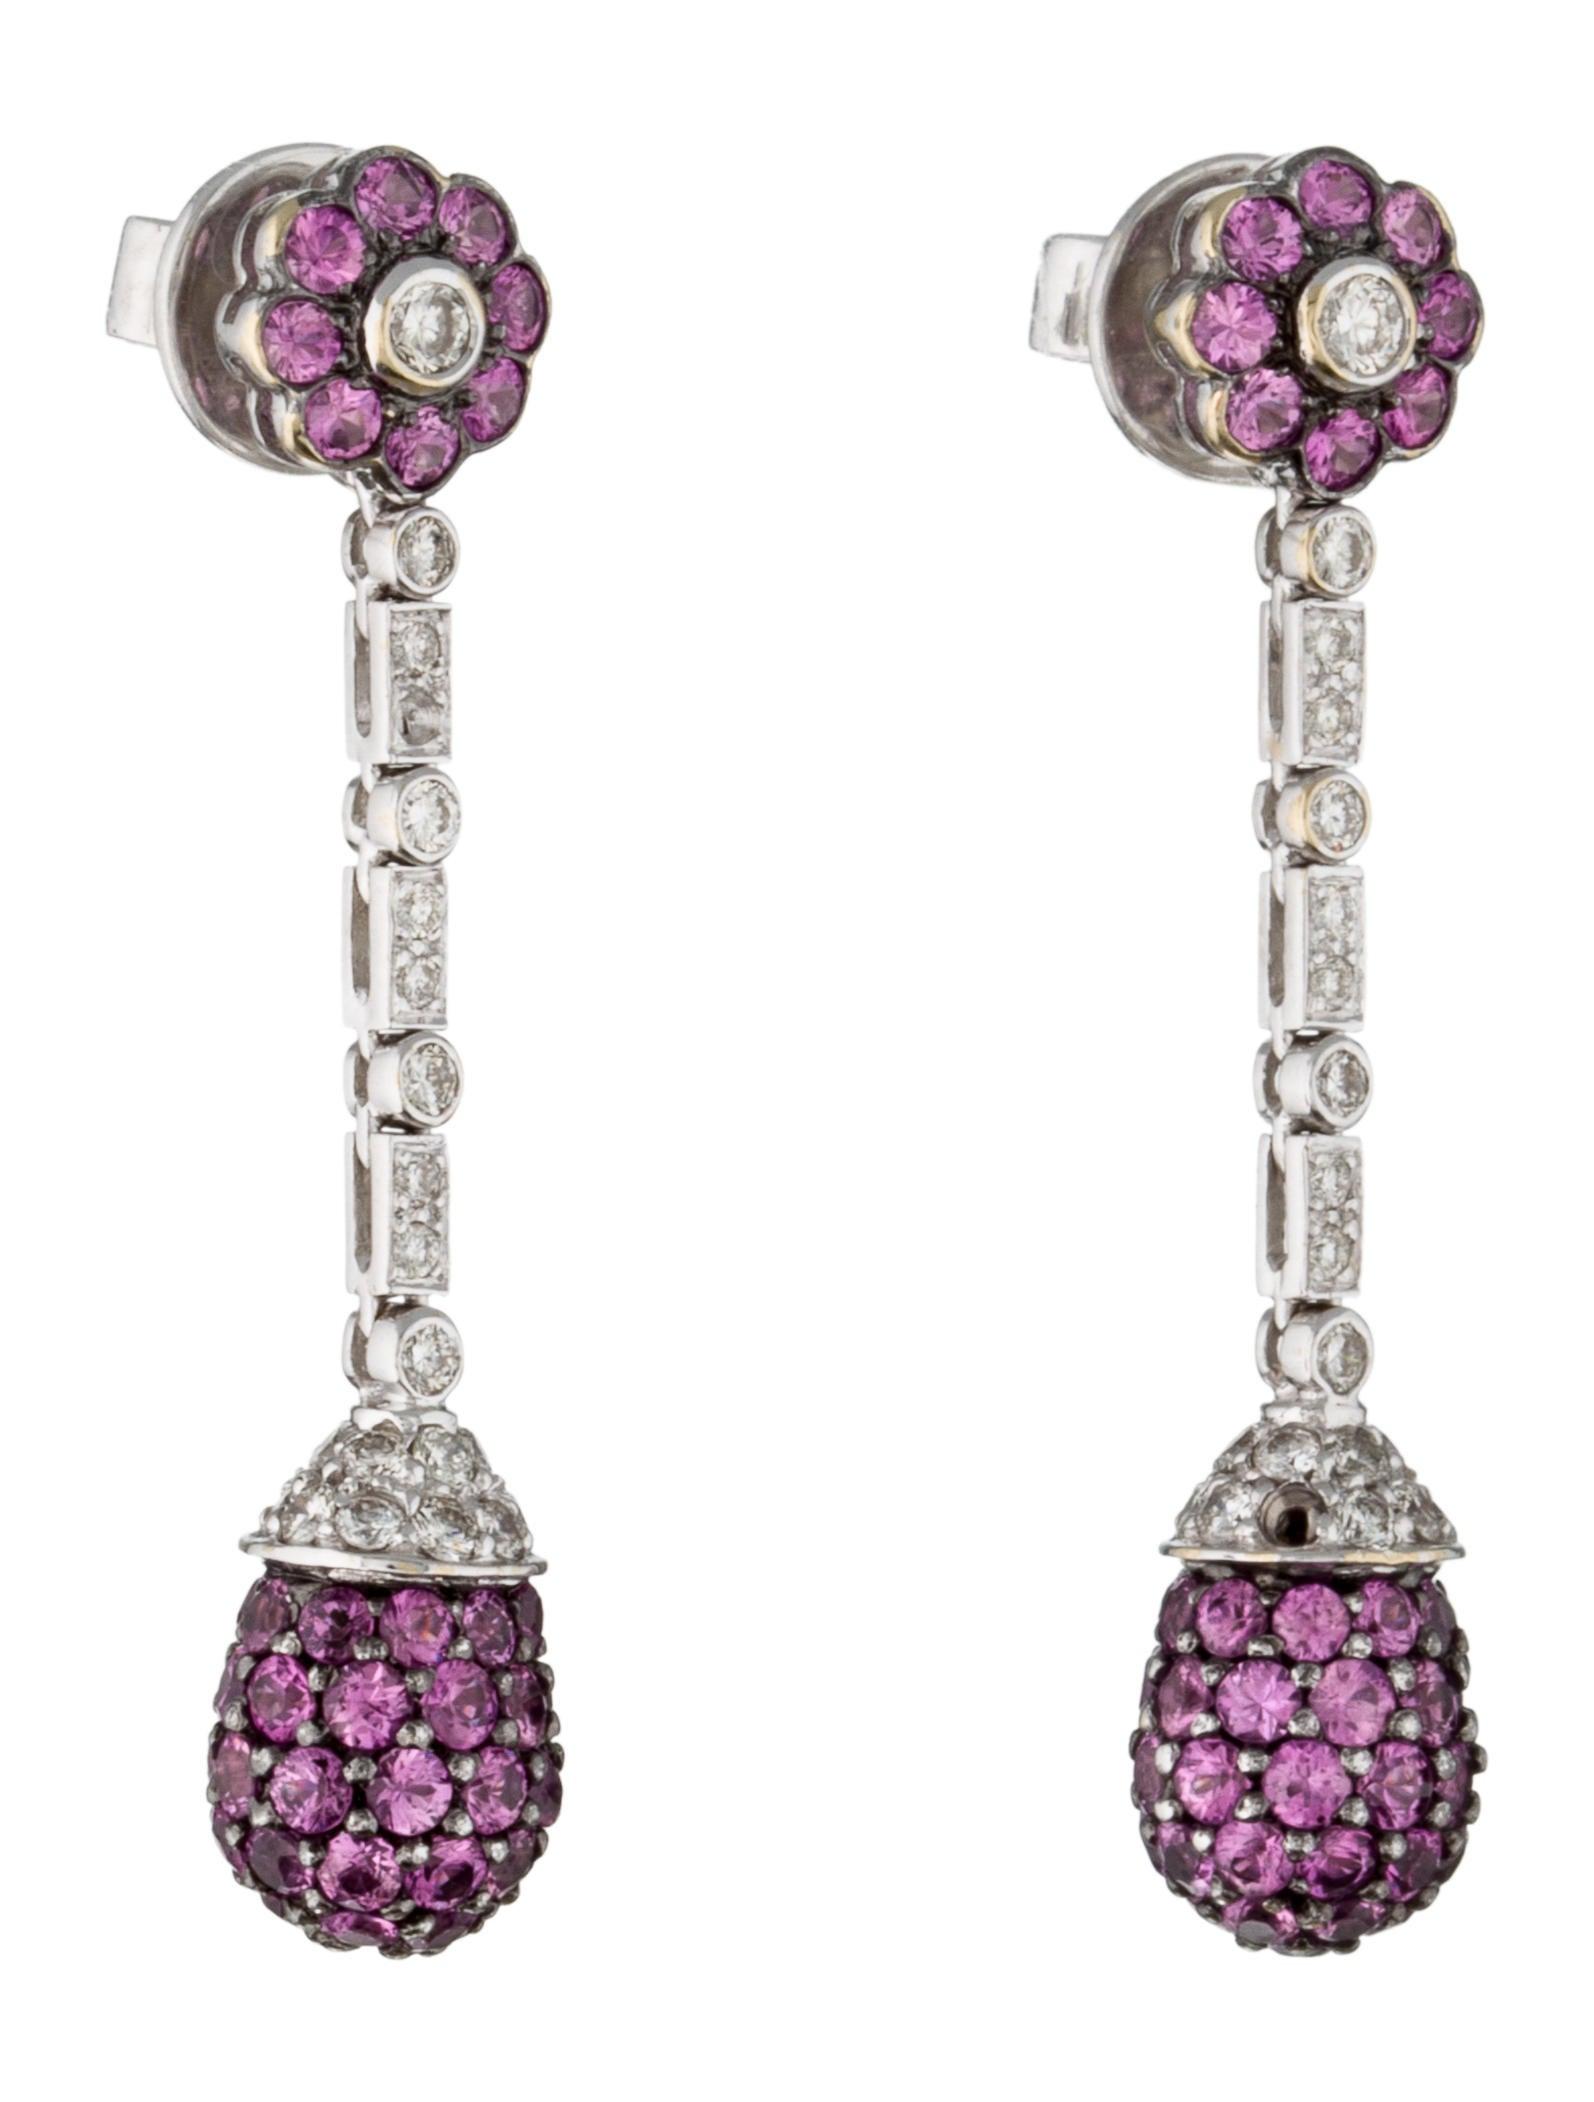 Pink Sapphire & Diamond Earrings - Earrings - FJE28245 ...